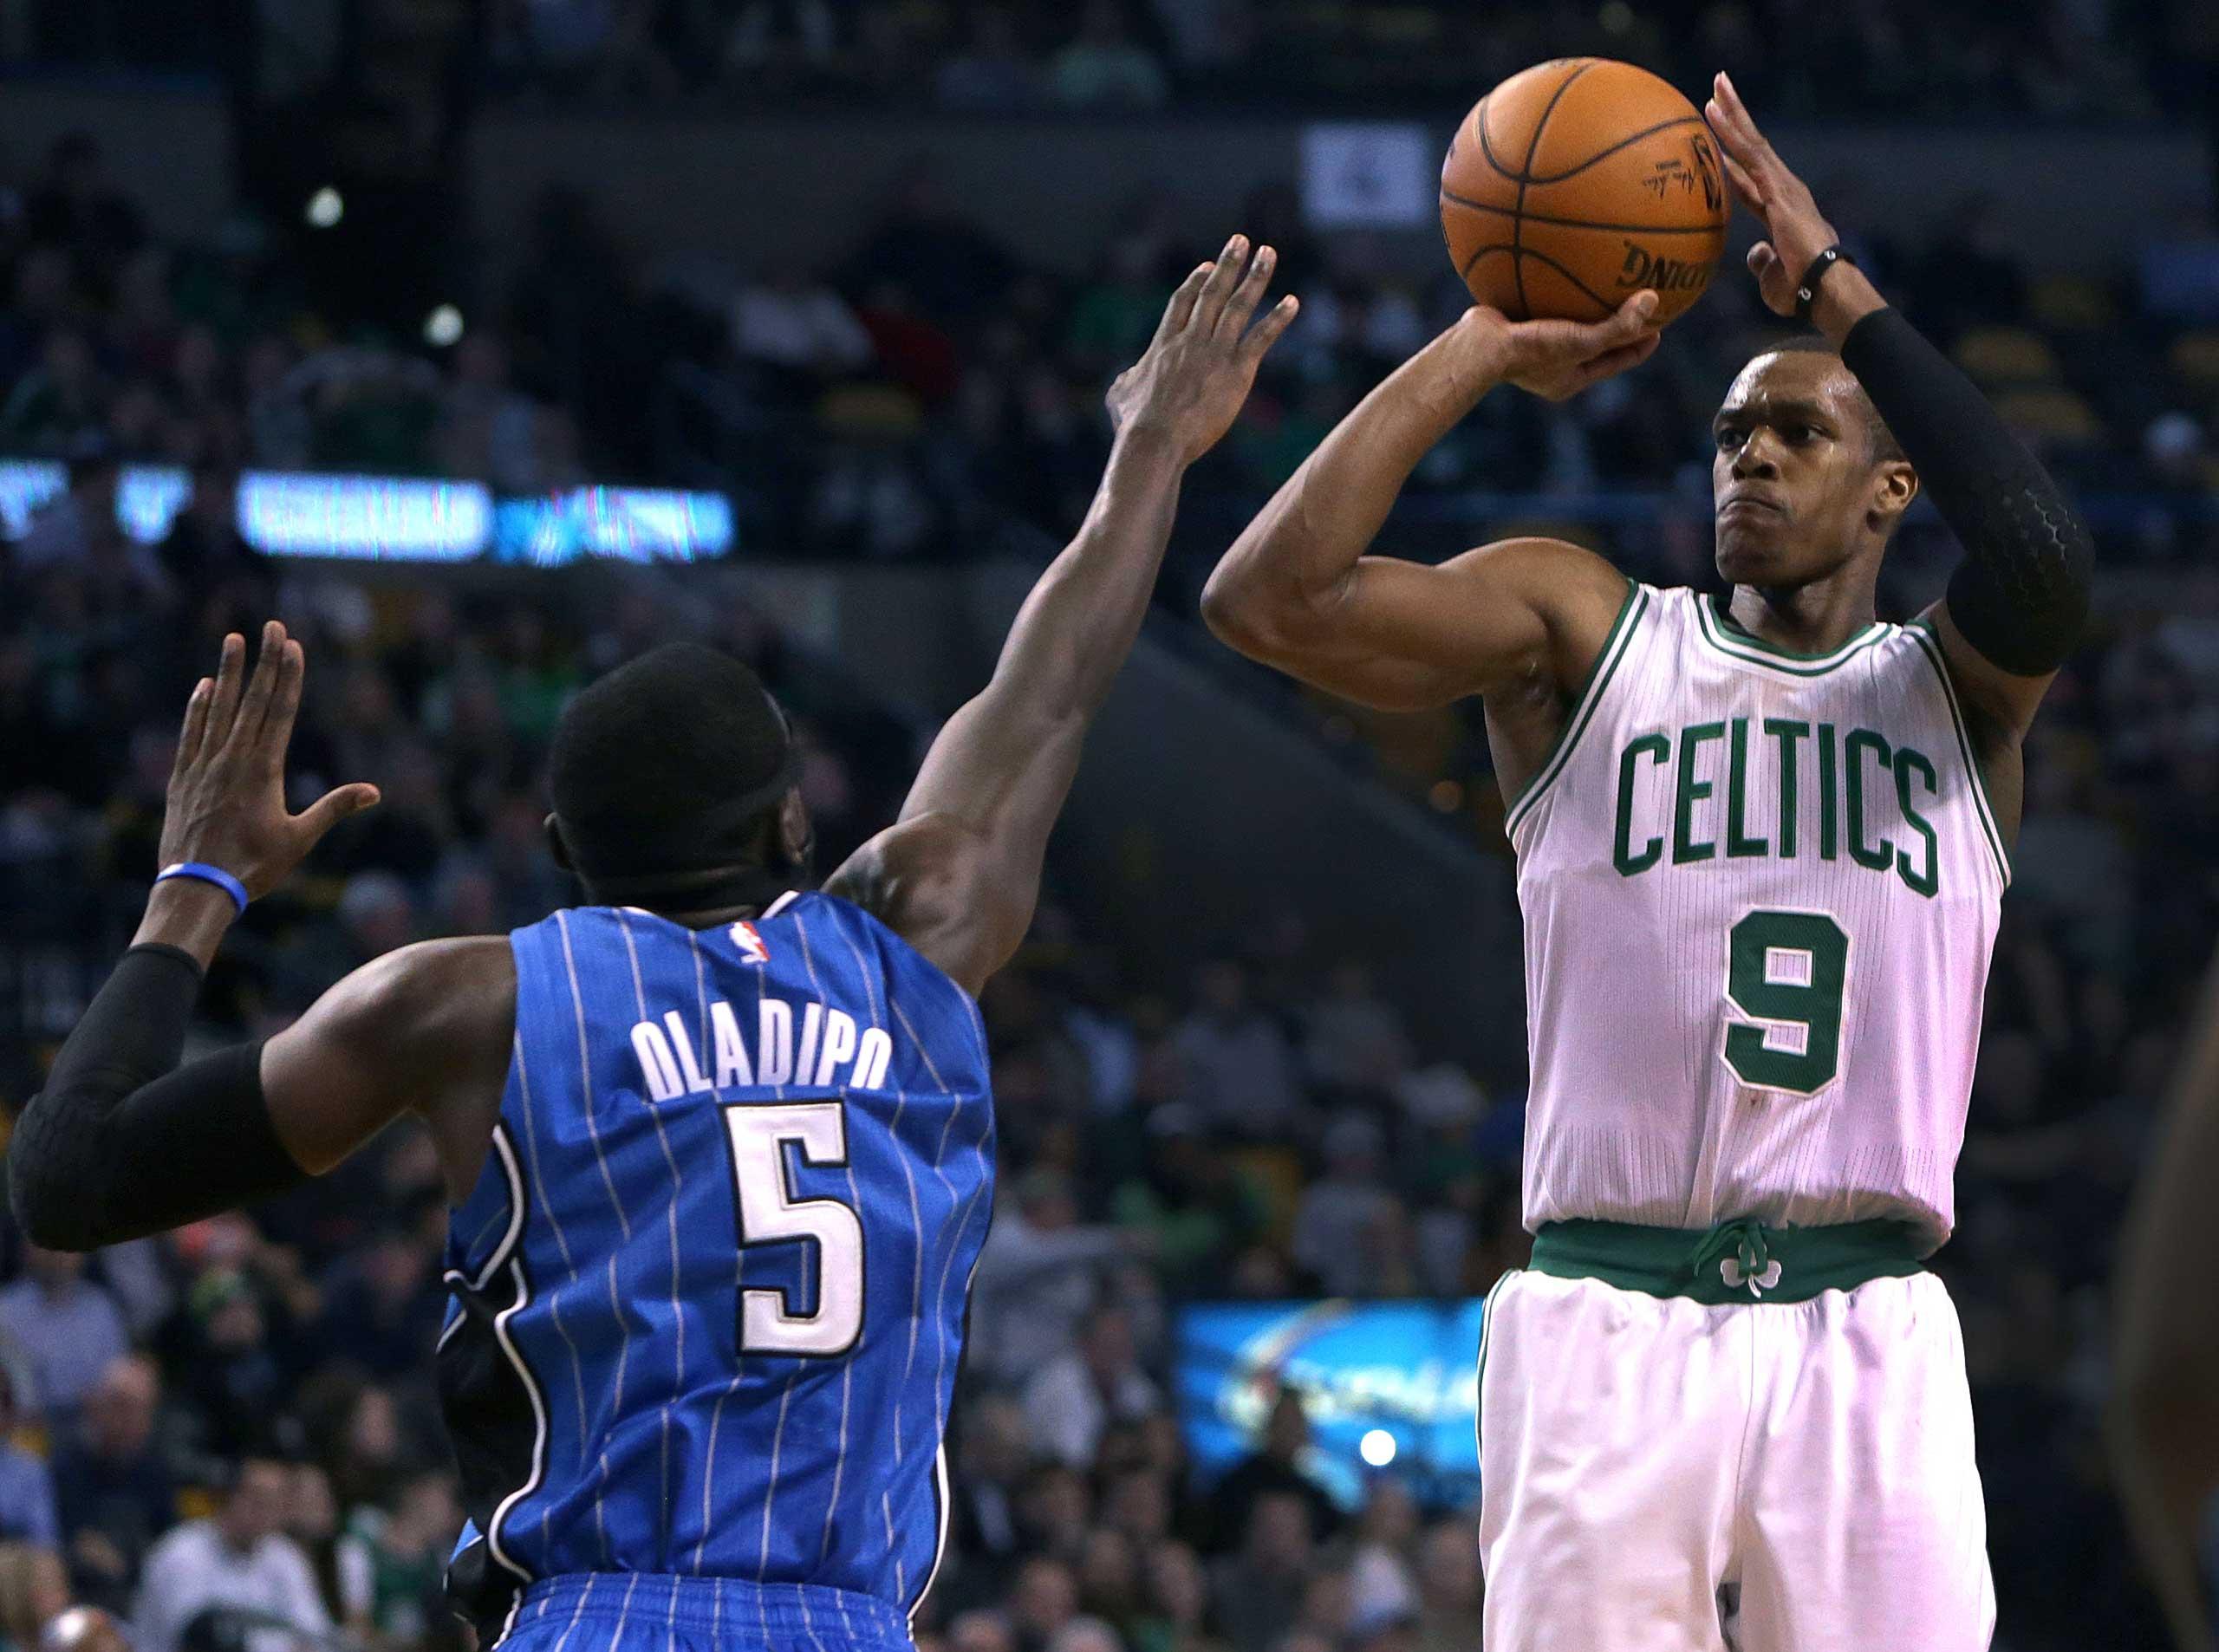 Boston Celtics guard Rajon Rondo (#9) hits a short jumper over Orlando Magic guard Victor Oladipo (#5) in the second quarter on Dec. 17, 2014.